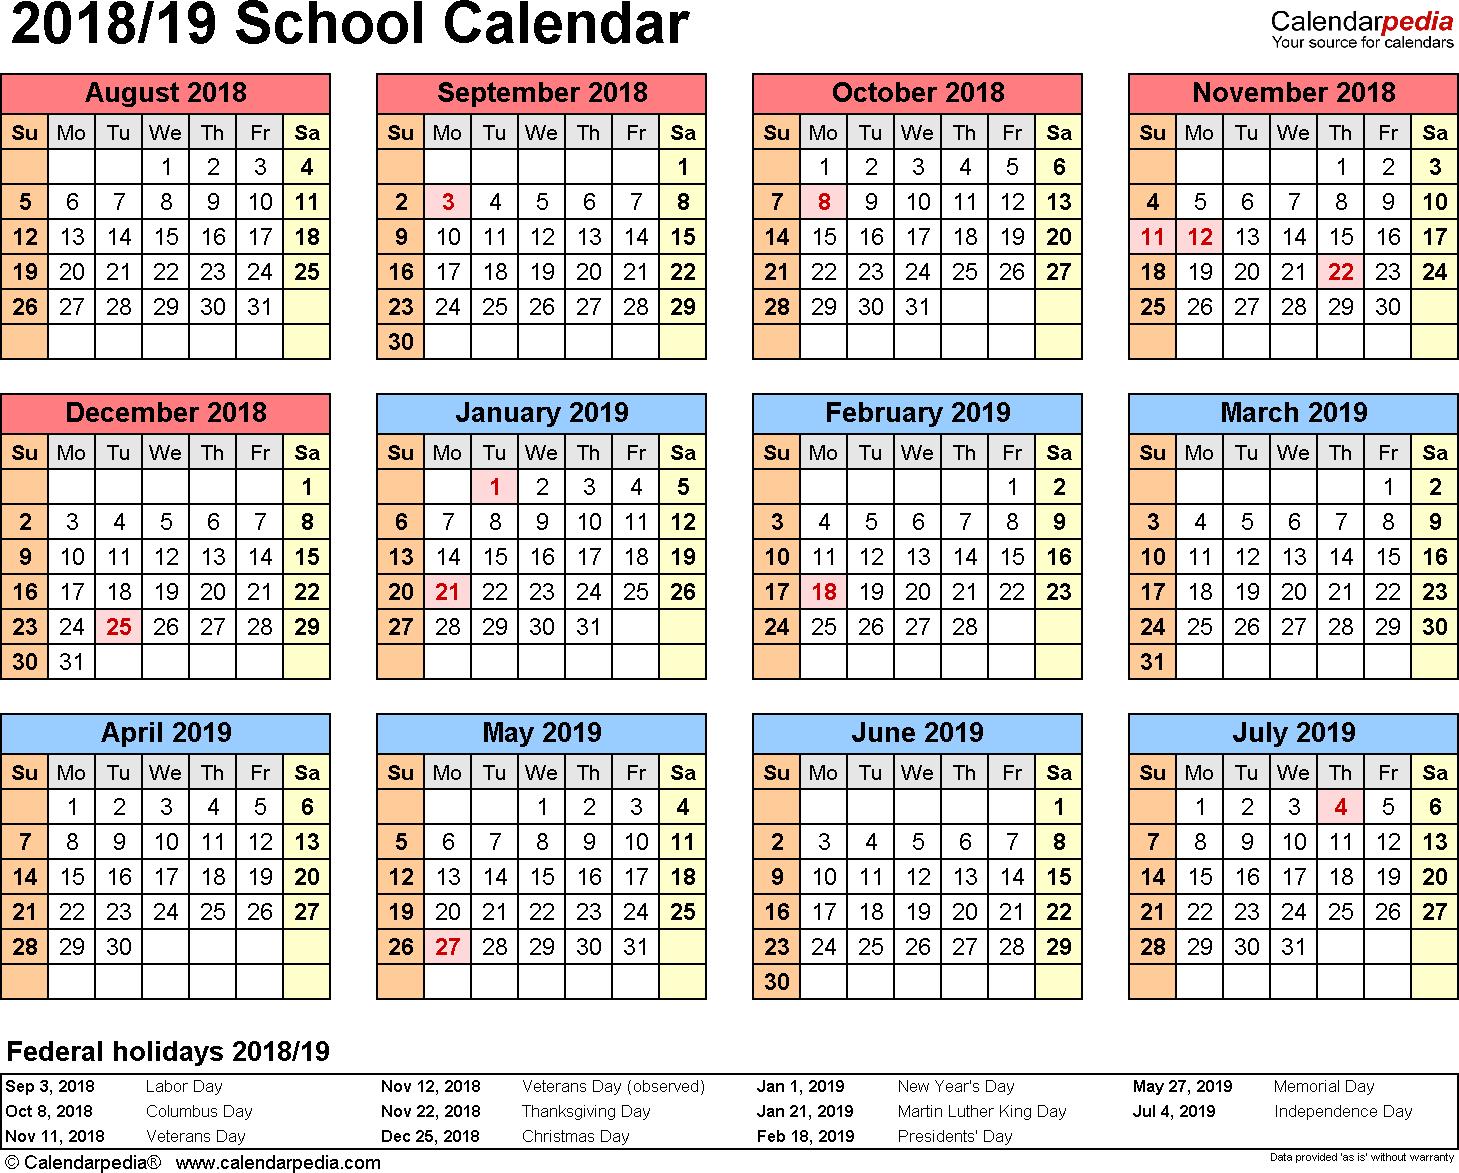 School Calendars 2018/2019 As Free Printable Word Templates regarding Calendar Blank Planner Months 18 School Year